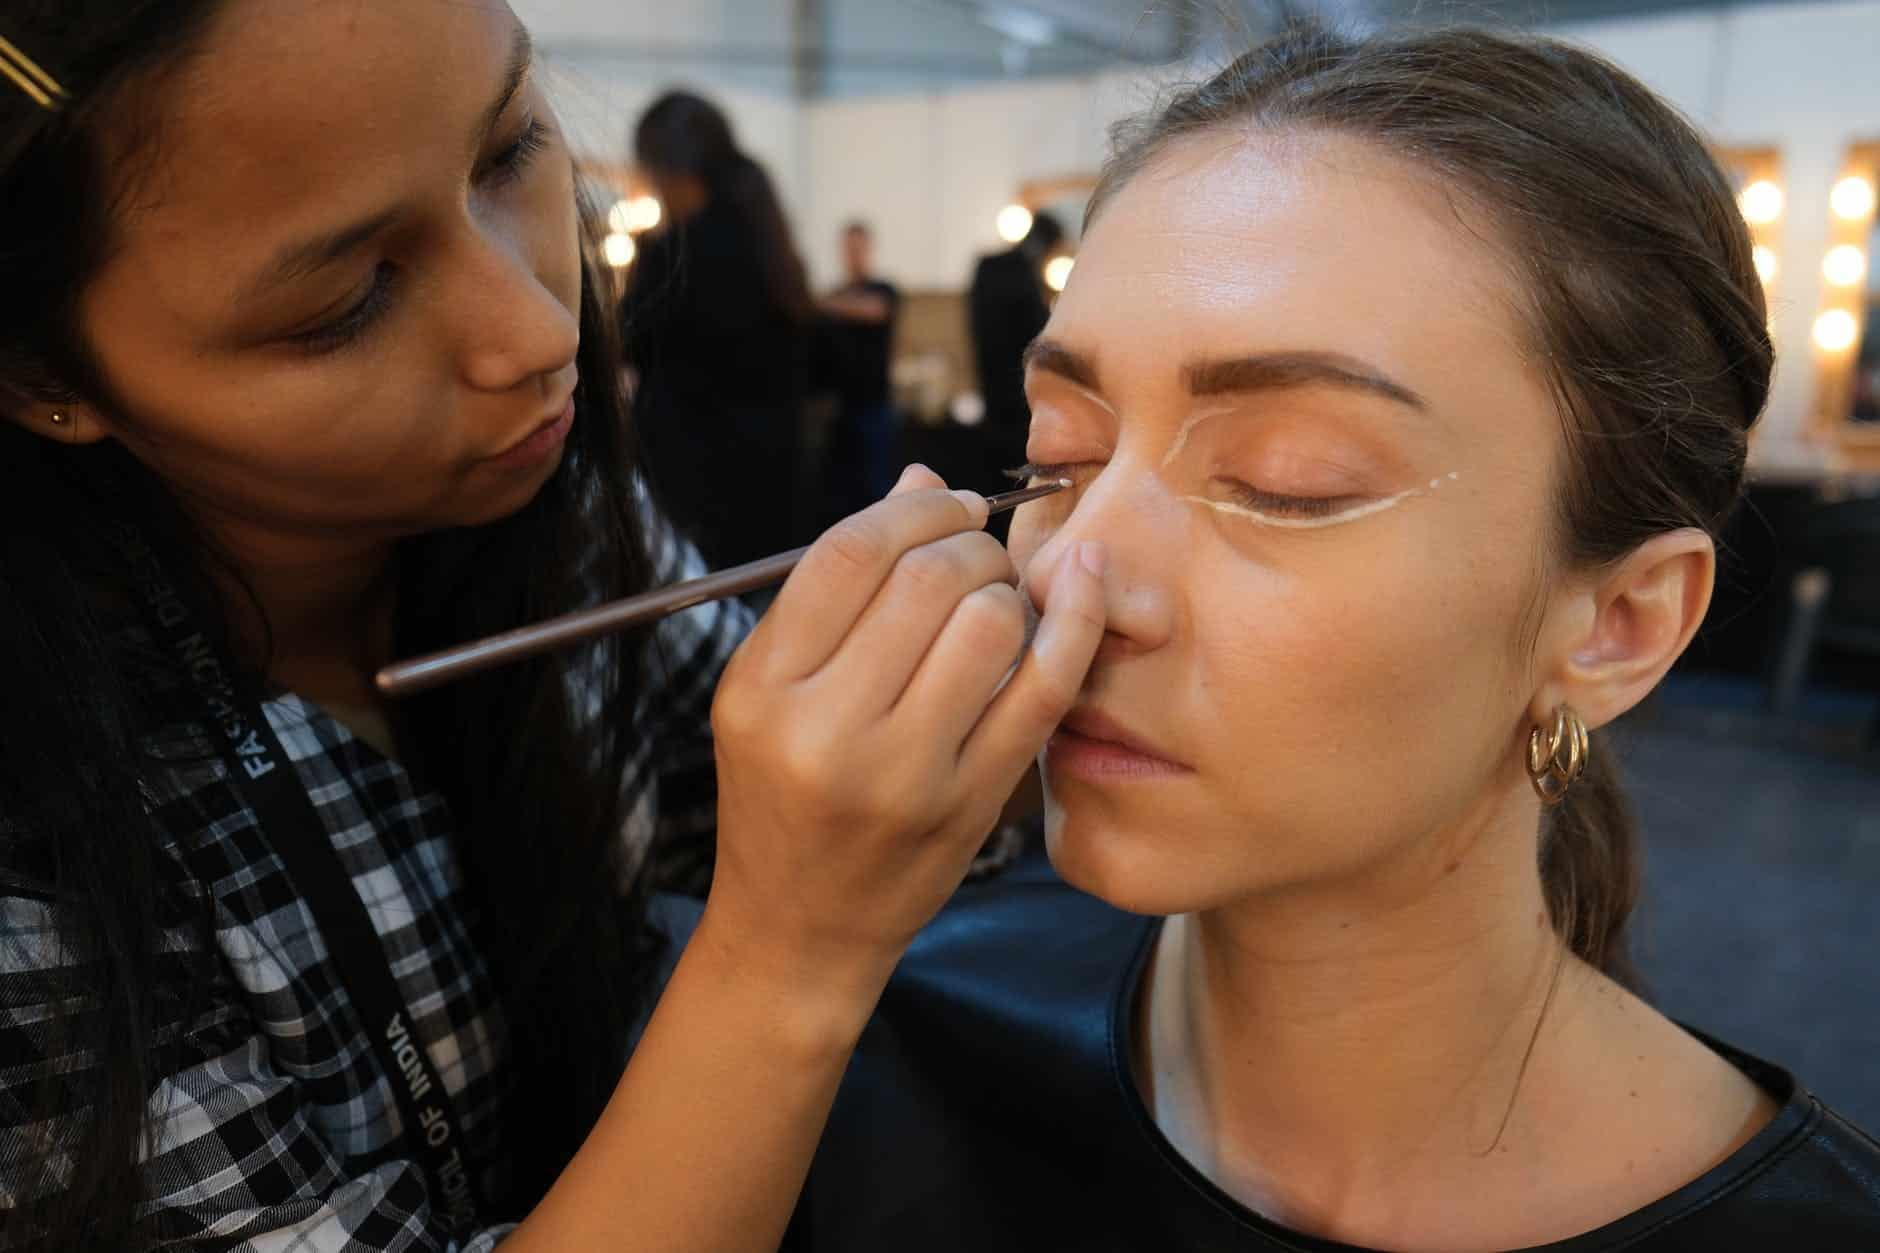 Maquiagem simples: truques rápidos em poucos minutos